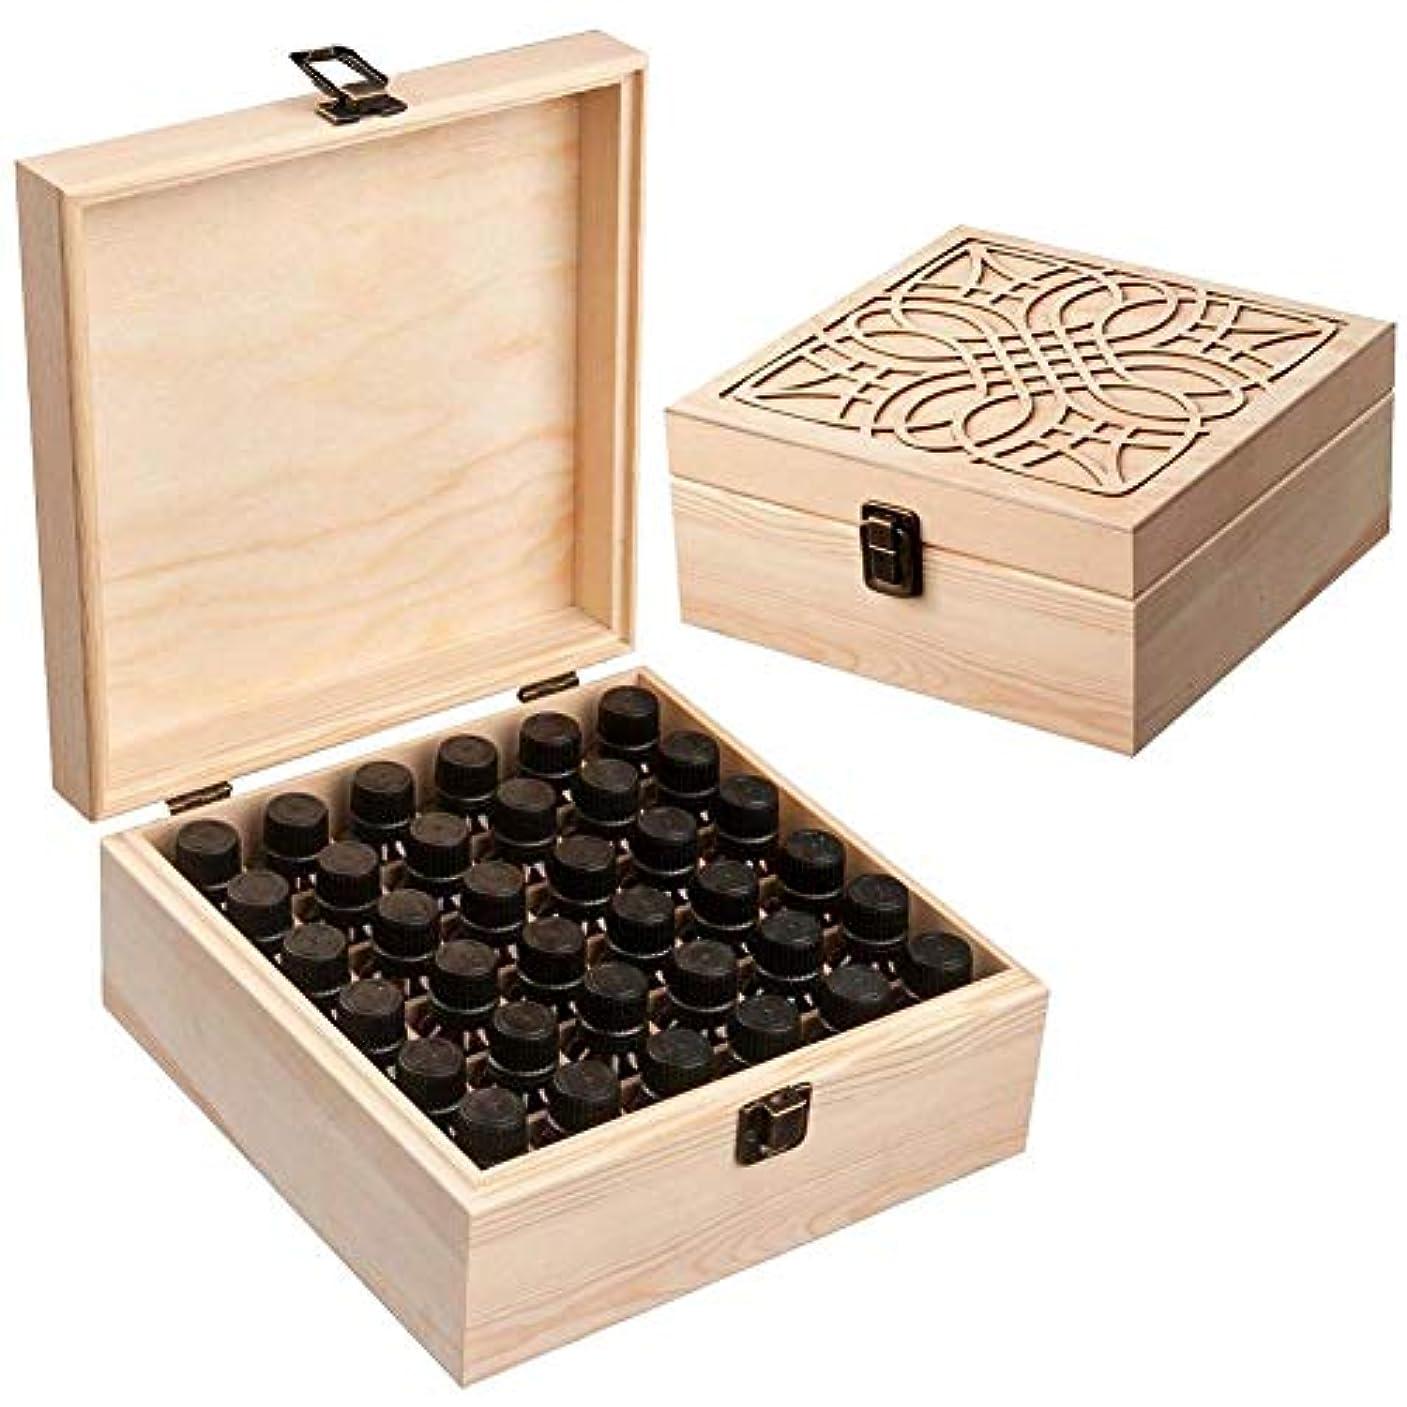 評価生リスクNewfashion エッセンシャルオイル収納ボックス 精油収納 アロマケース 木製 大容量 携帯便利 オイルボックス 飾り物 36本用